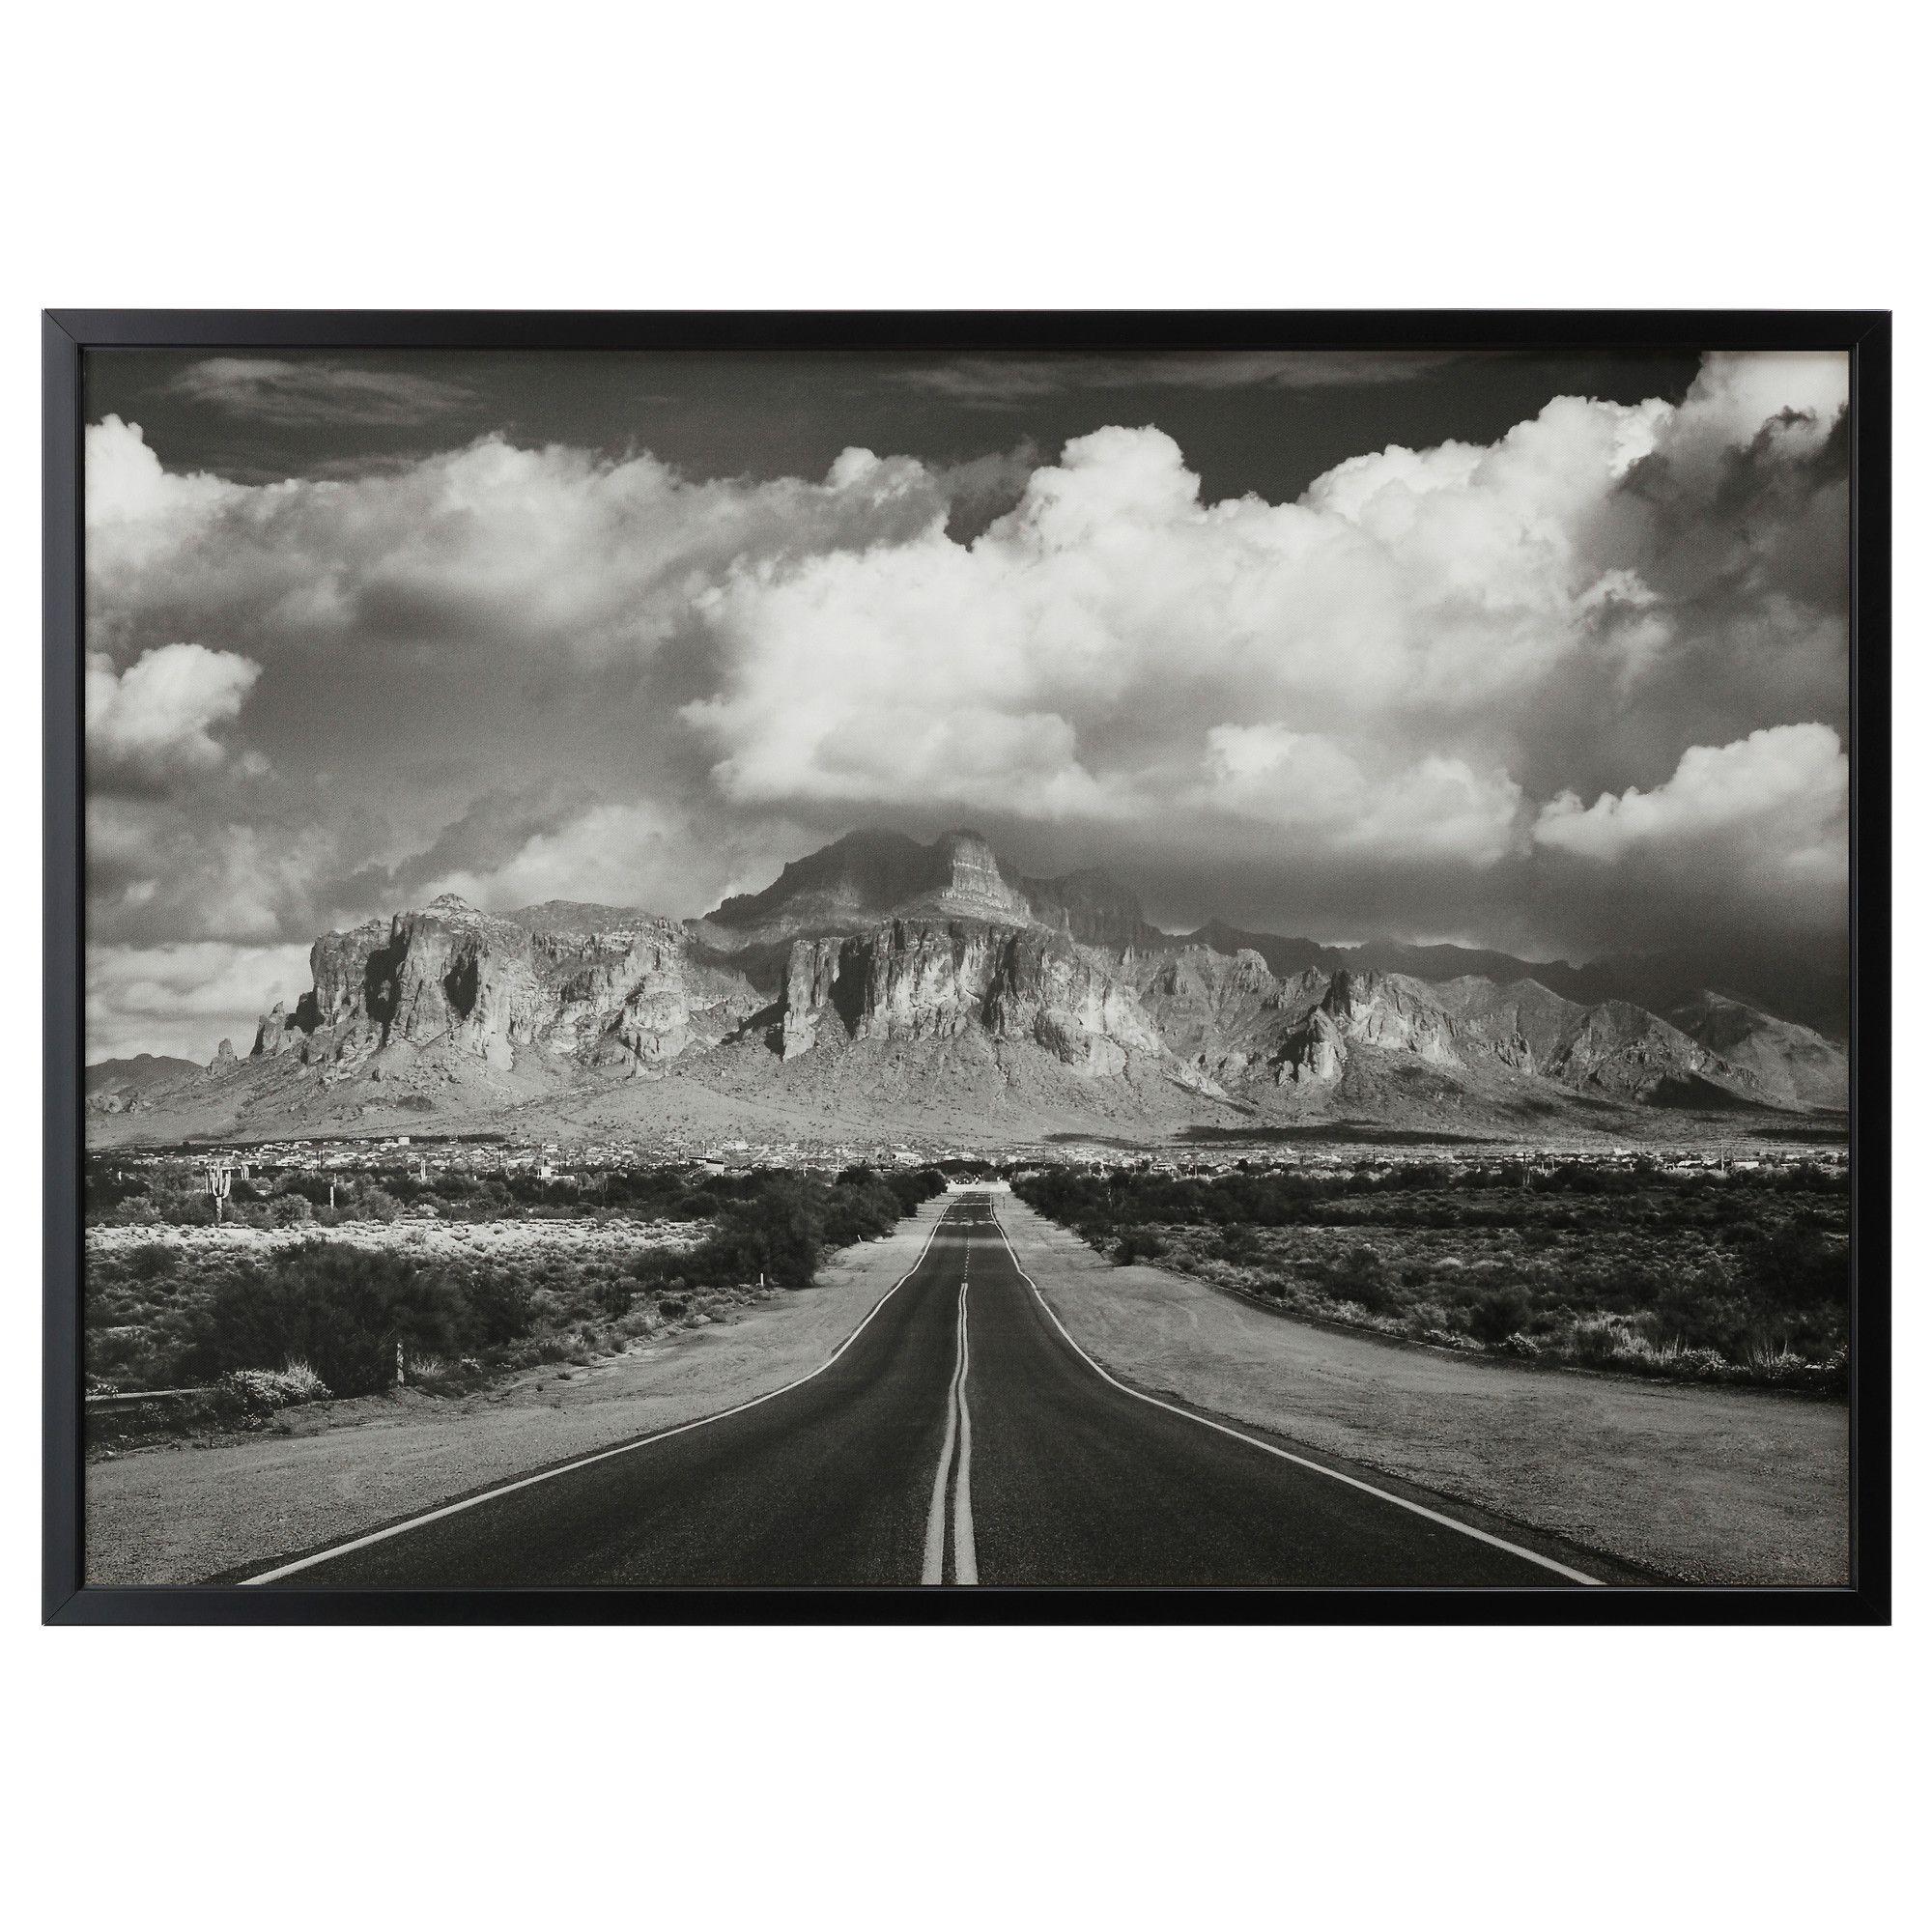 BJÖRKSTA, Gerahmtes Bild, Superstition Mountains, USA, schwarz Jetzt ...